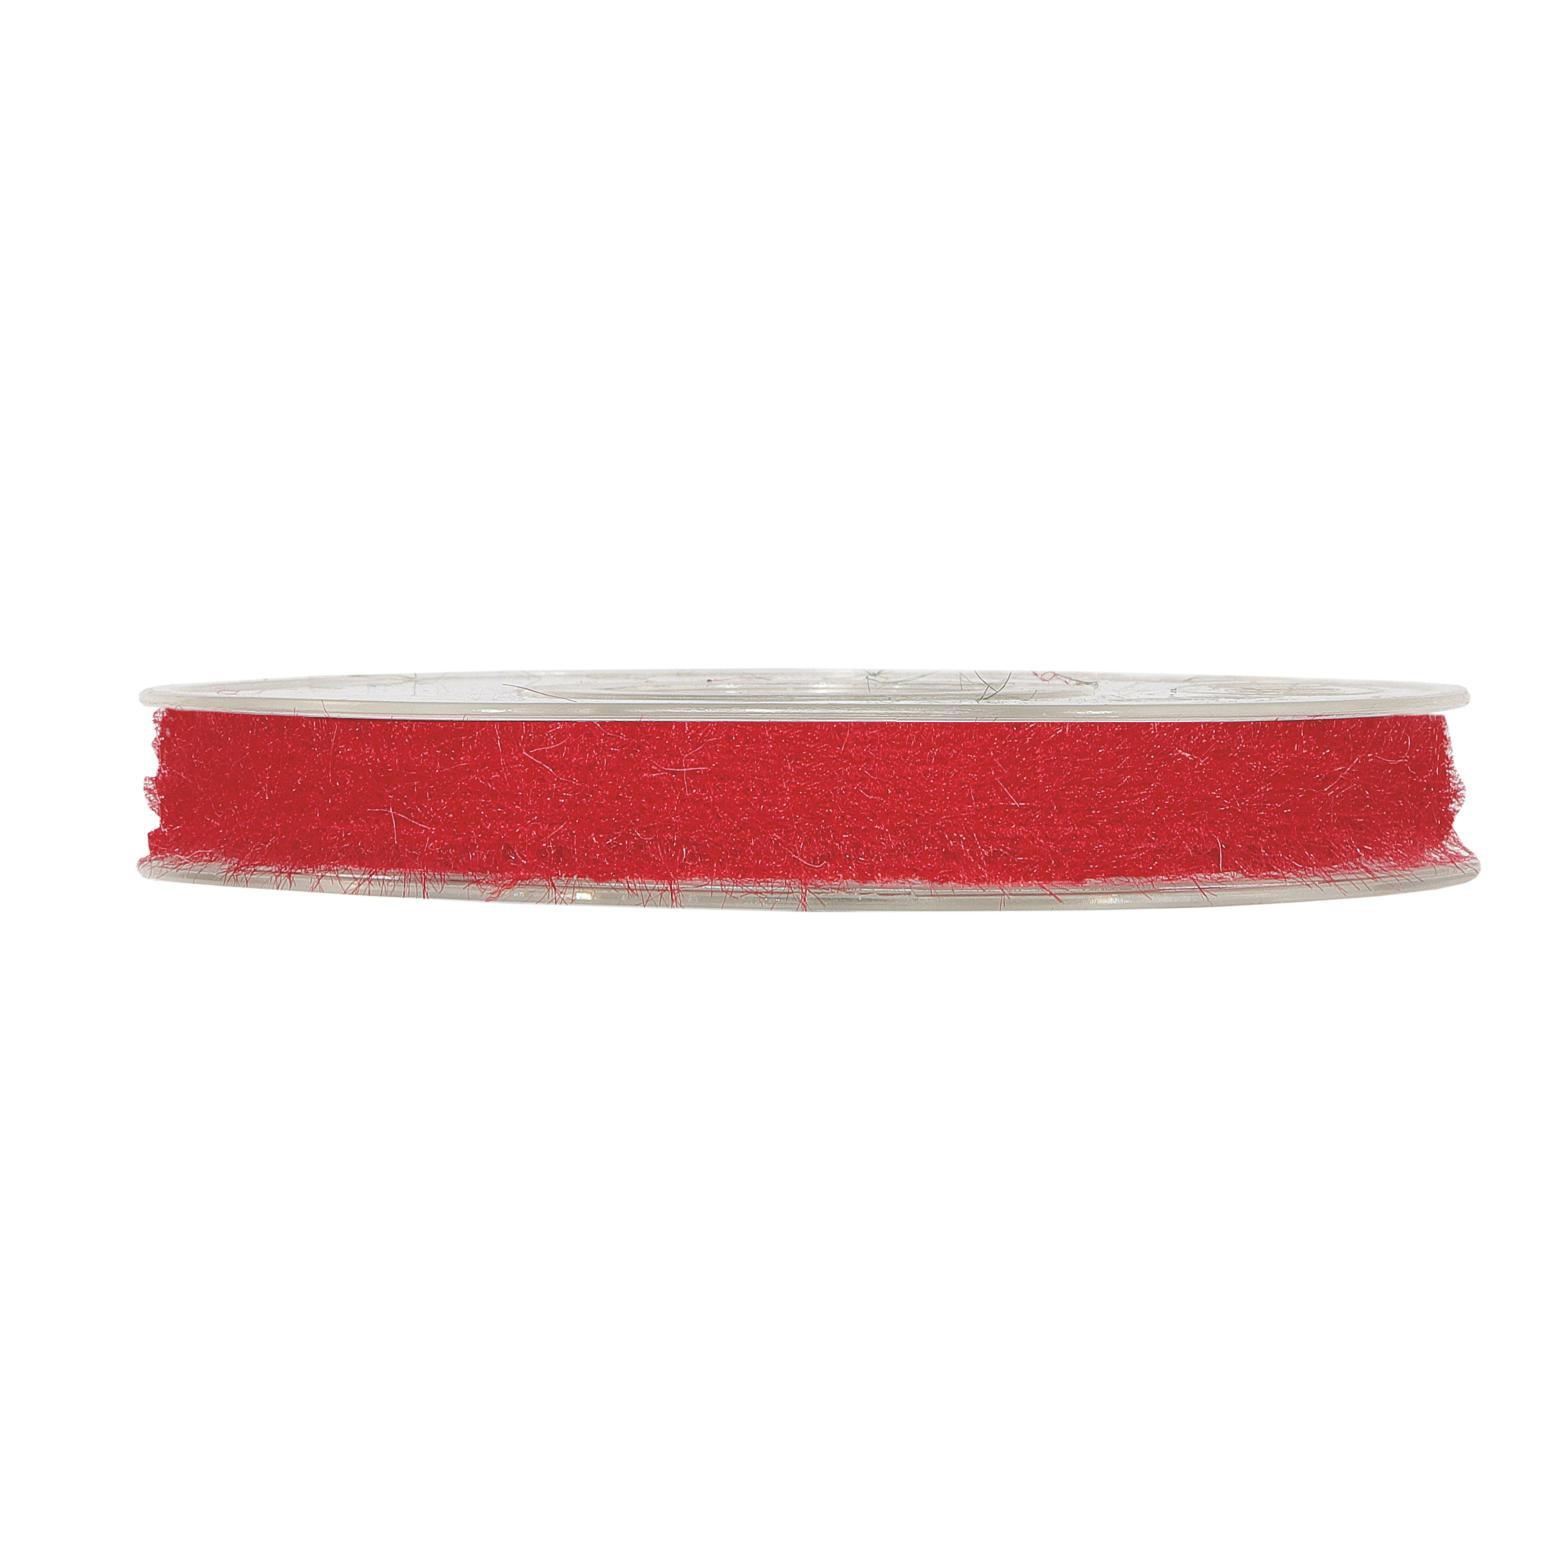 X352UN Ruban en laine rouge 6mm x 10m